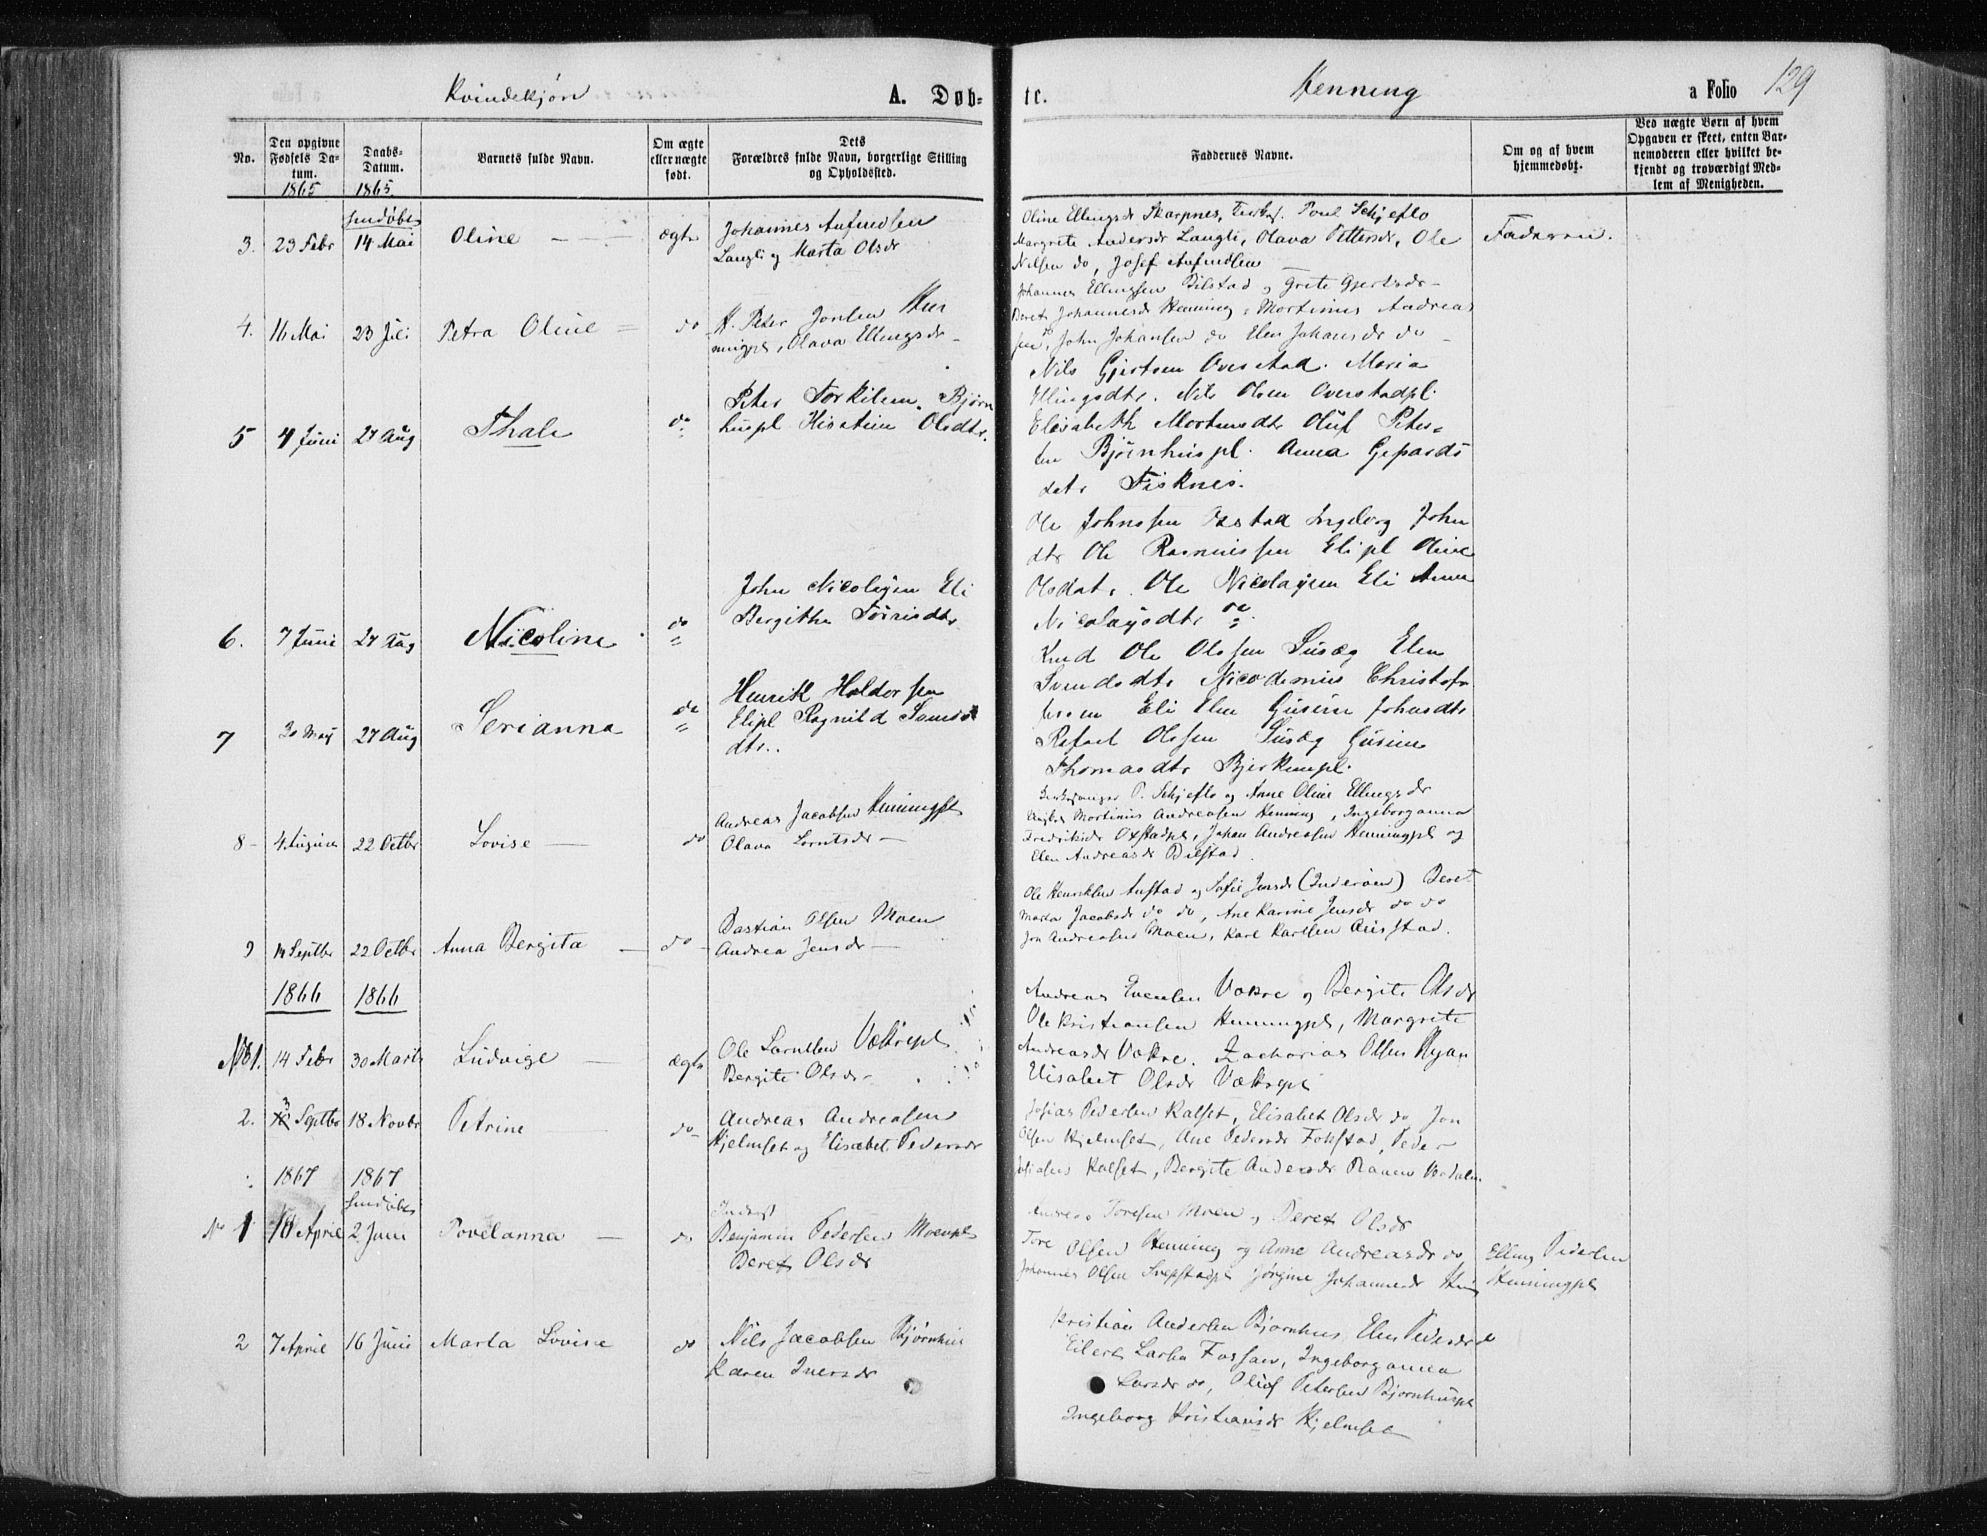 SAT, Ministerialprotokoller, klokkerbøker og fødselsregistre - Nord-Trøndelag, 735/L0345: Ministerialbok nr. 735A08 /3, 1863-1872, s. 129